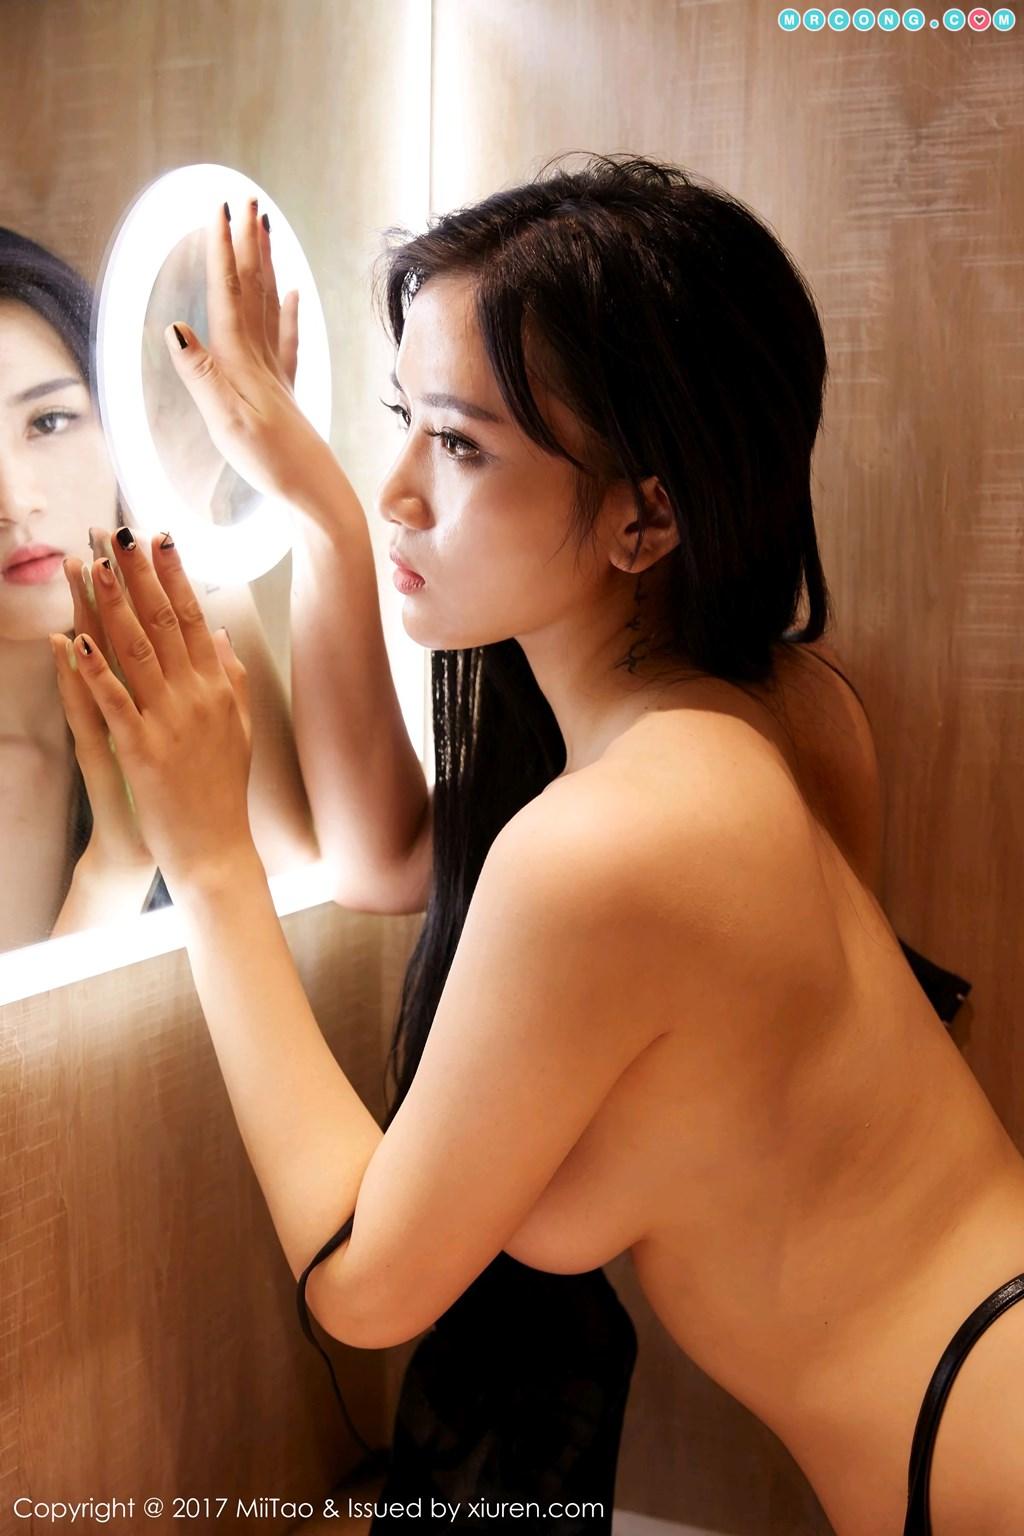 thiên thần ảnh nude Hongkong 2019